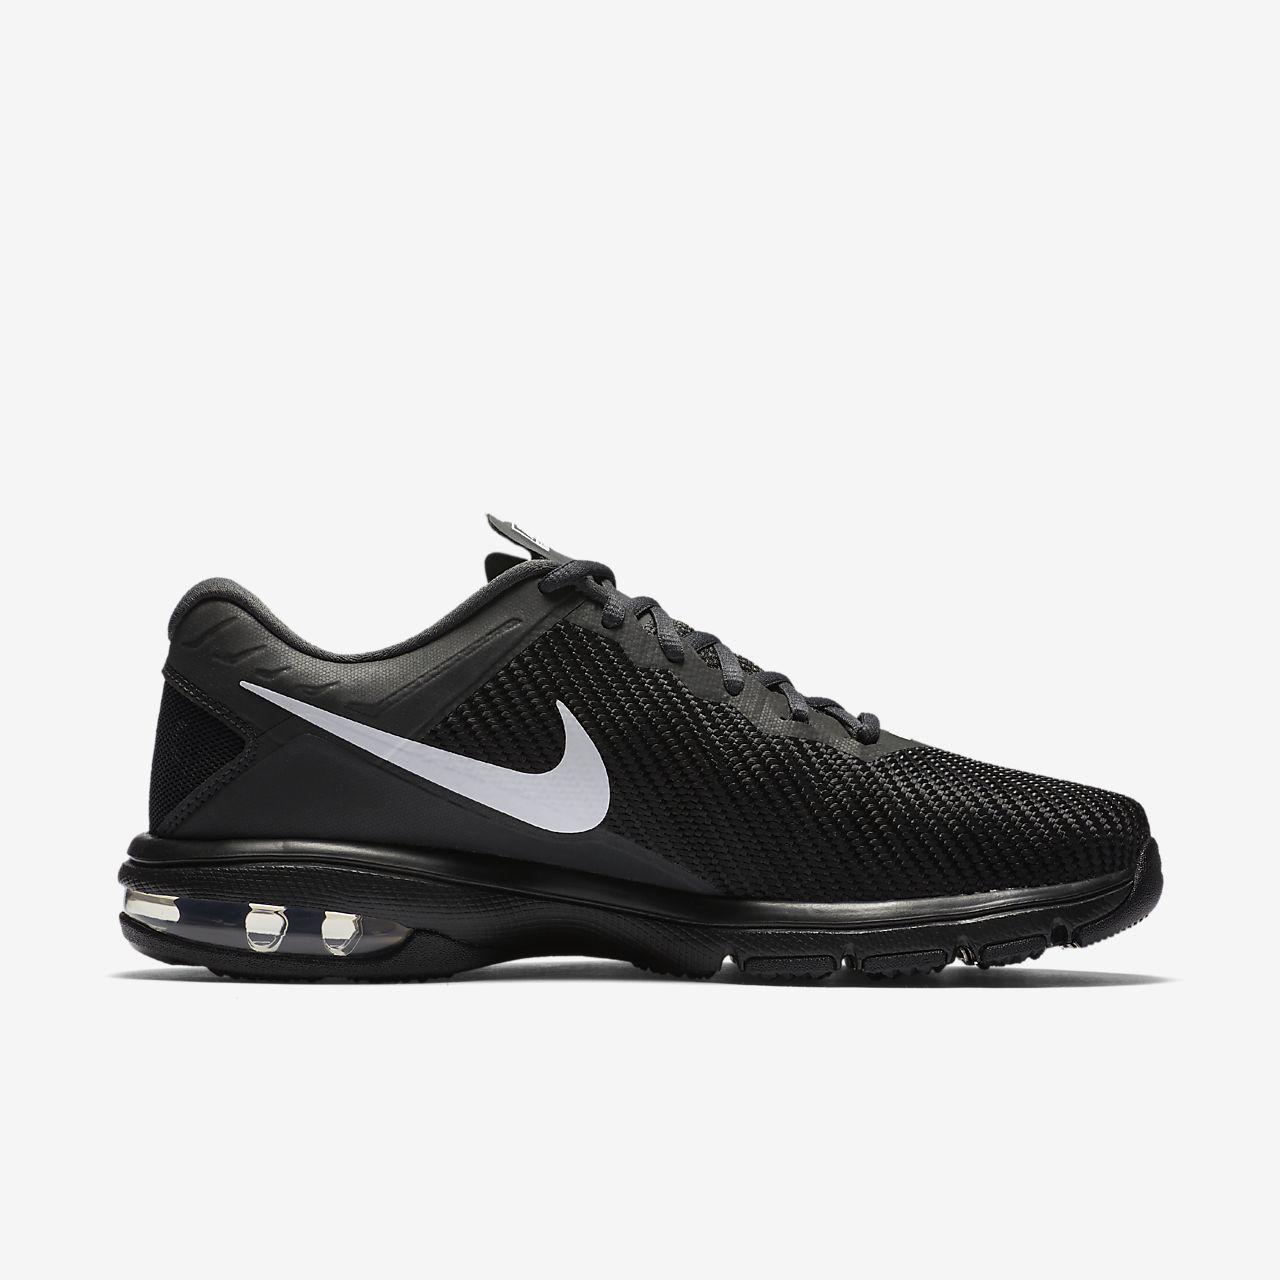 hot sale online 8cc3f 494e5 Träningssko för män. Nike Air Max Full Ride TR 1.5